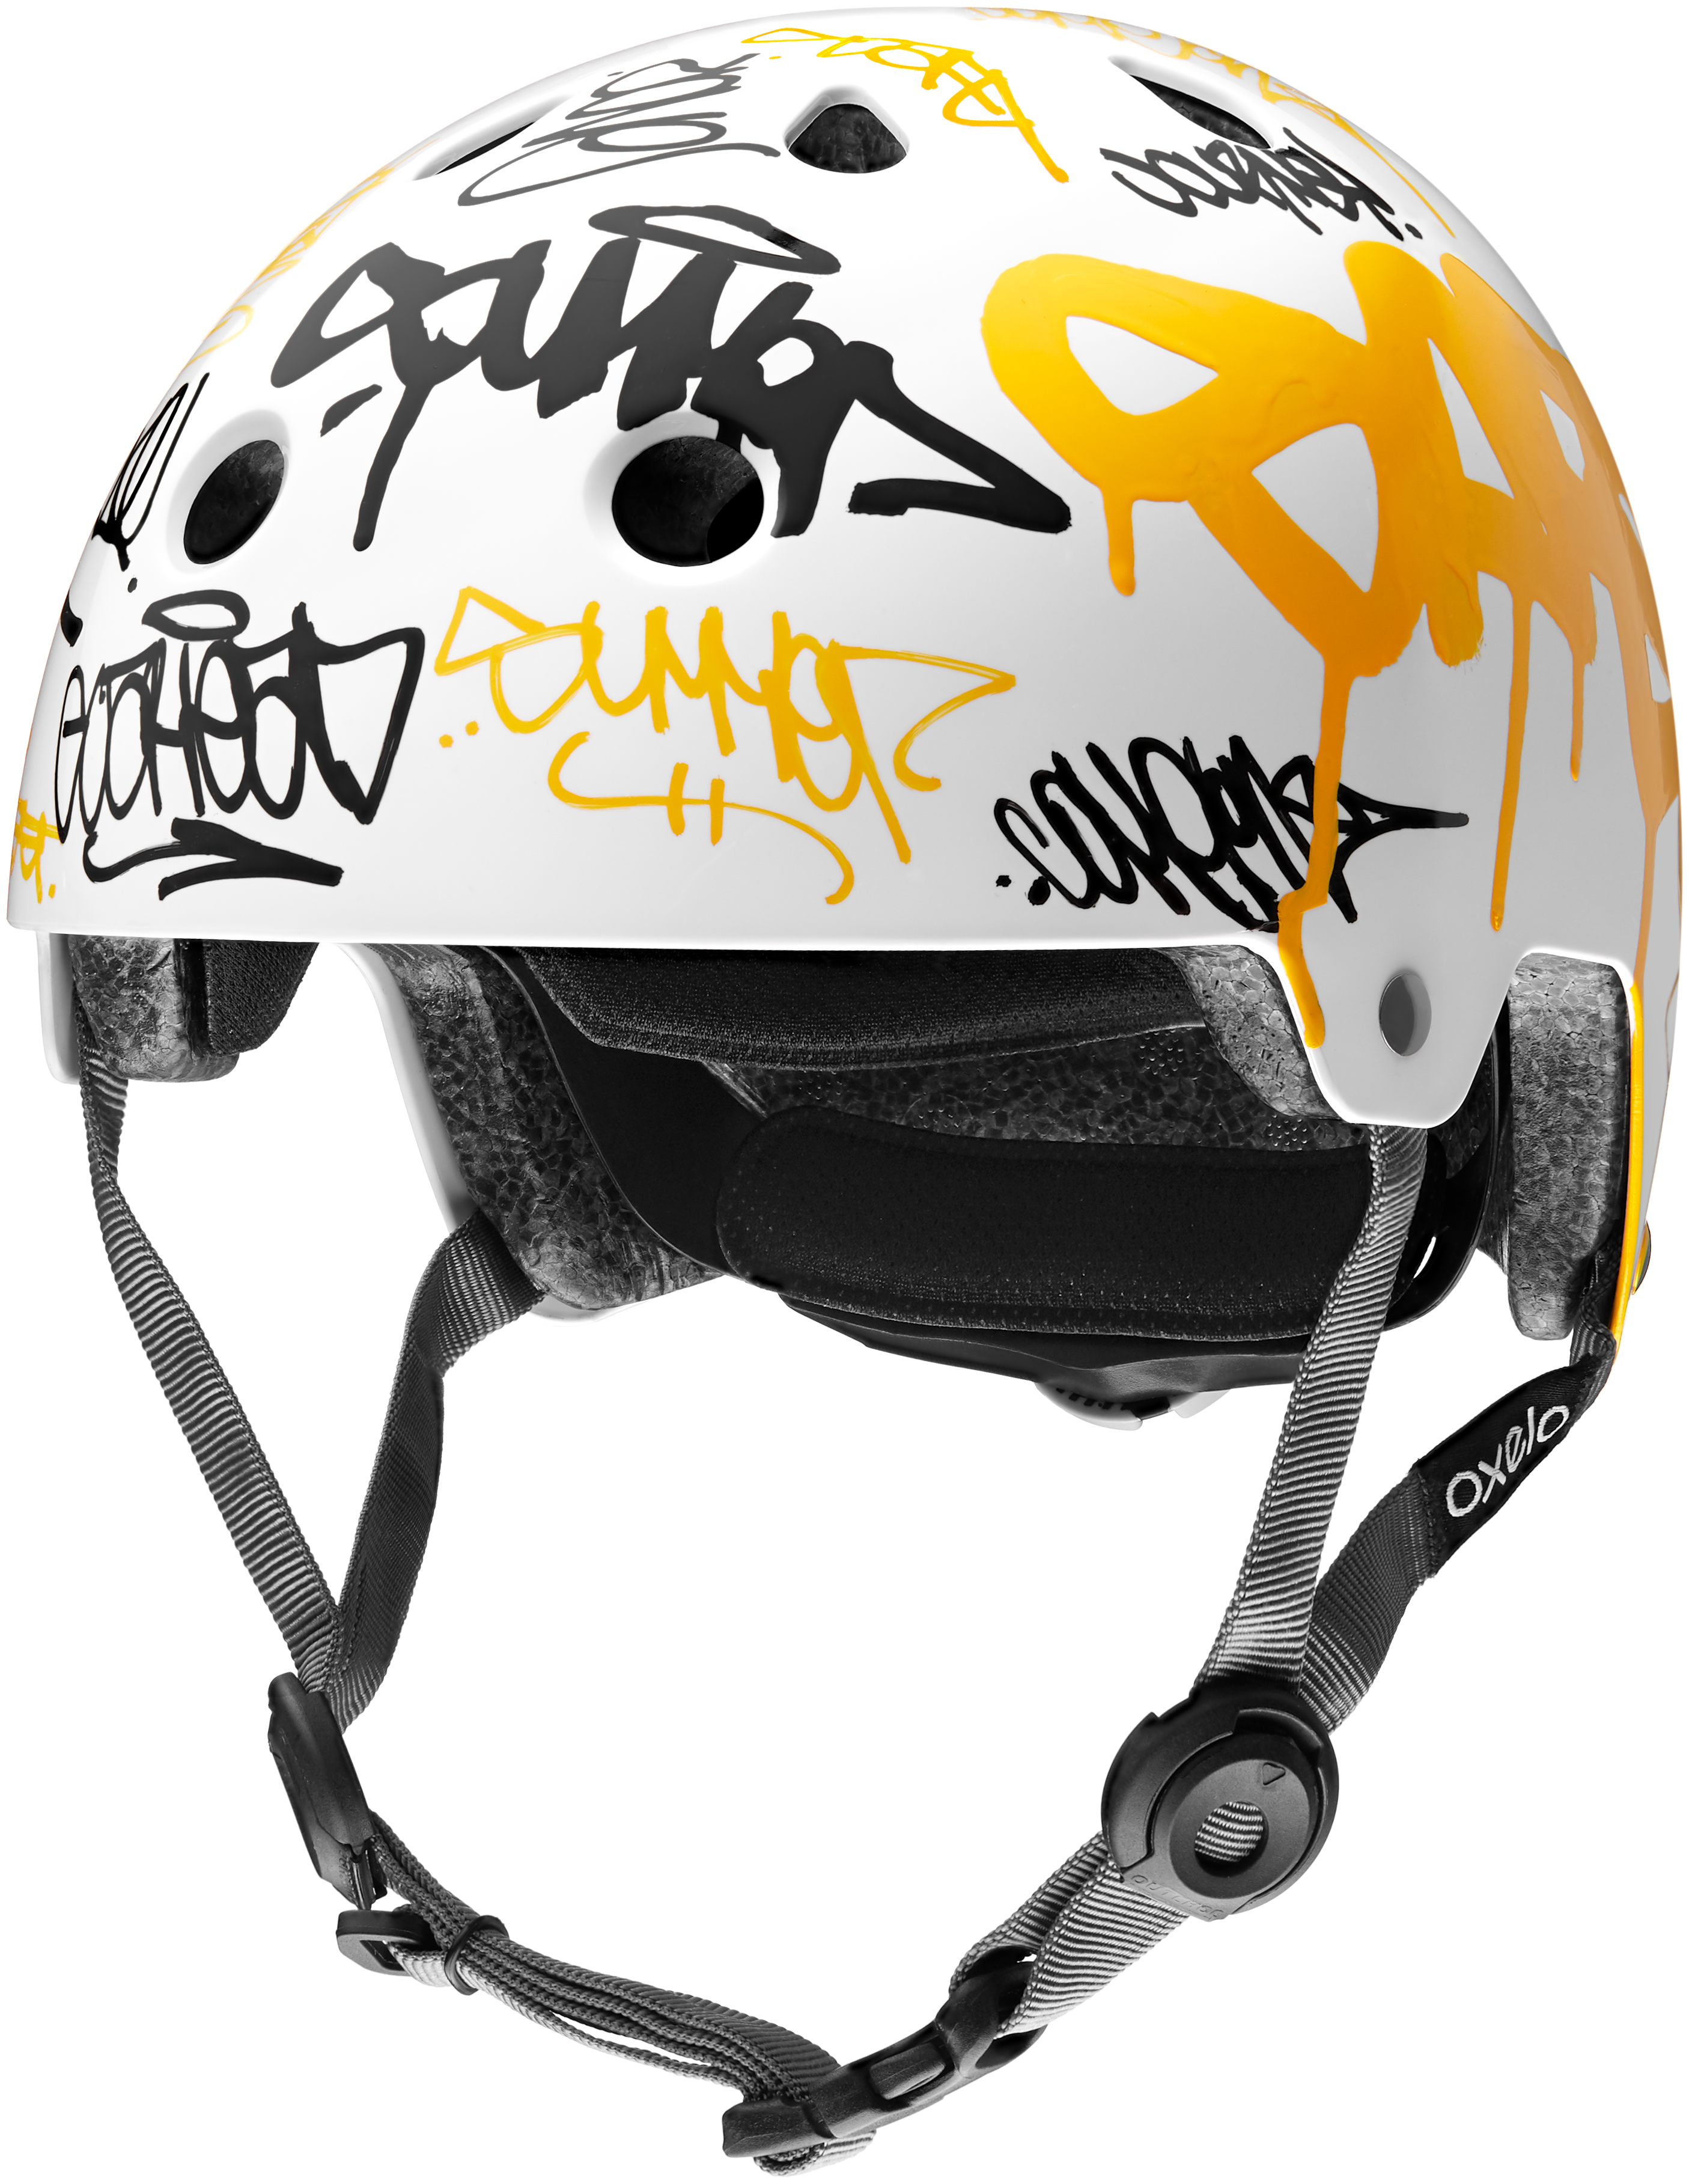 Шлем защитный Яндекс Искусство Кататься — купить по выгодной цене на Яндекс.Маркете